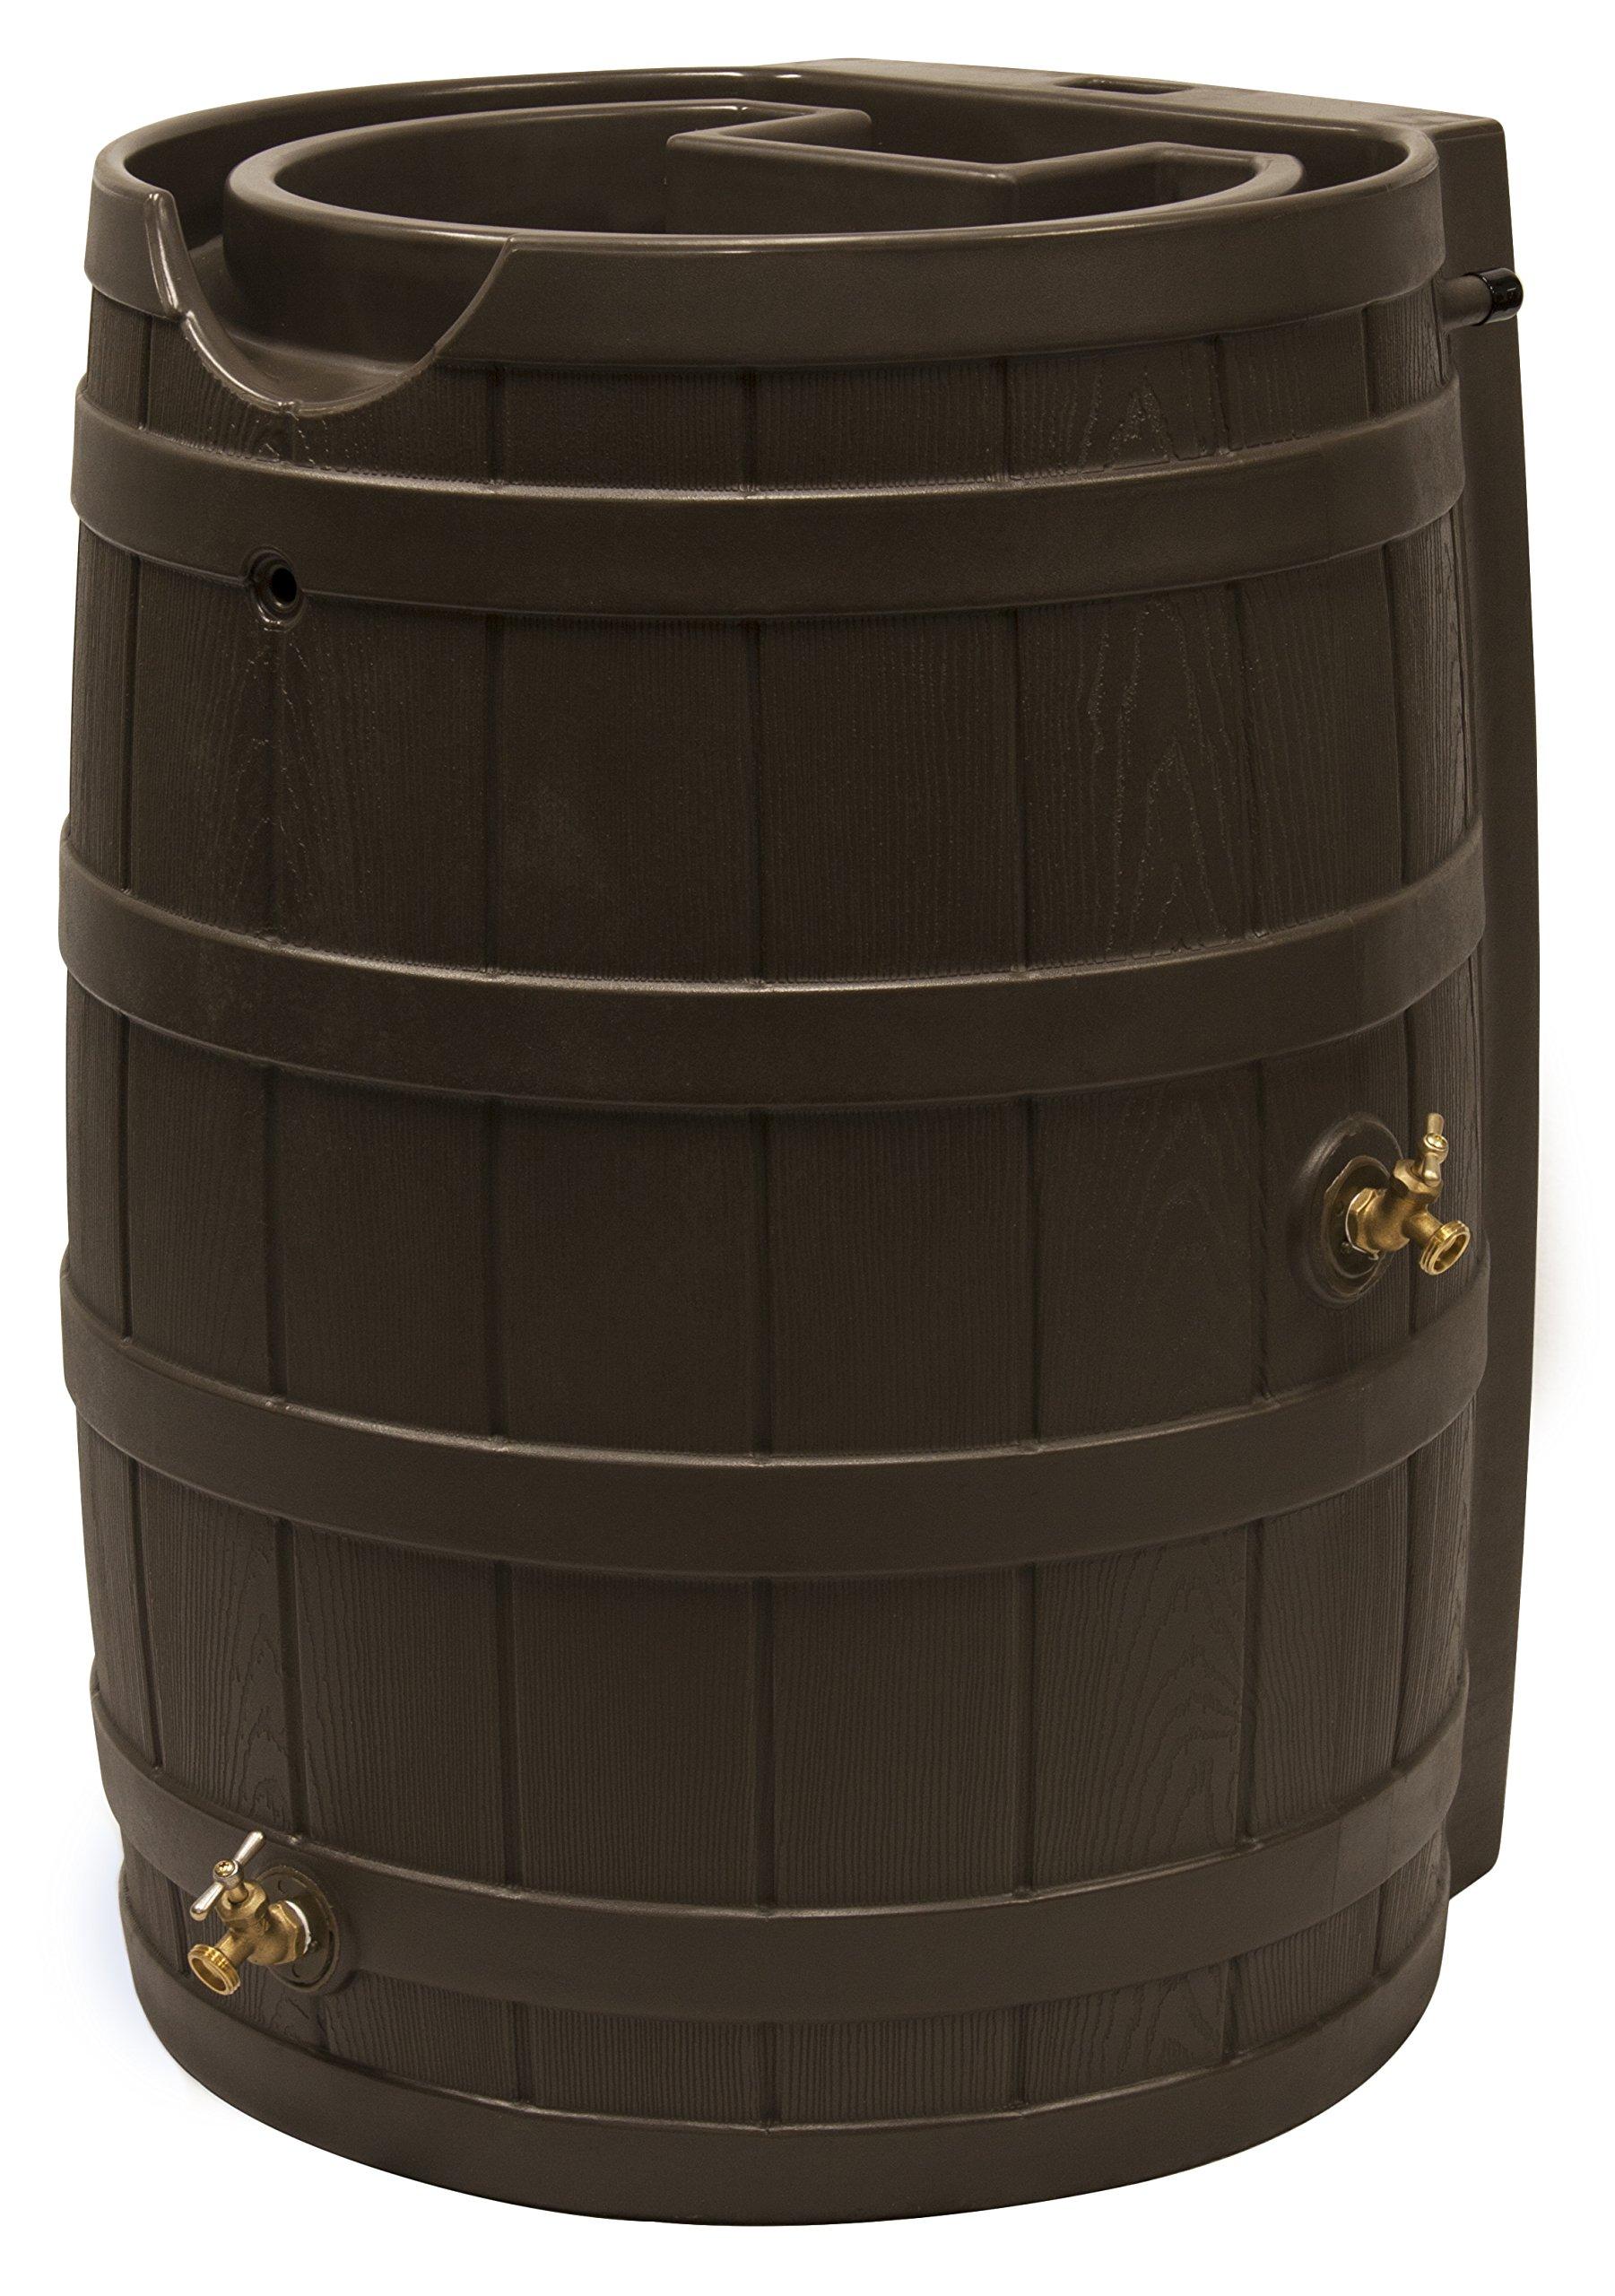 Good Ideas RW65-OAK Rain Wizard Rain Barrel, 65 gallon, Oak